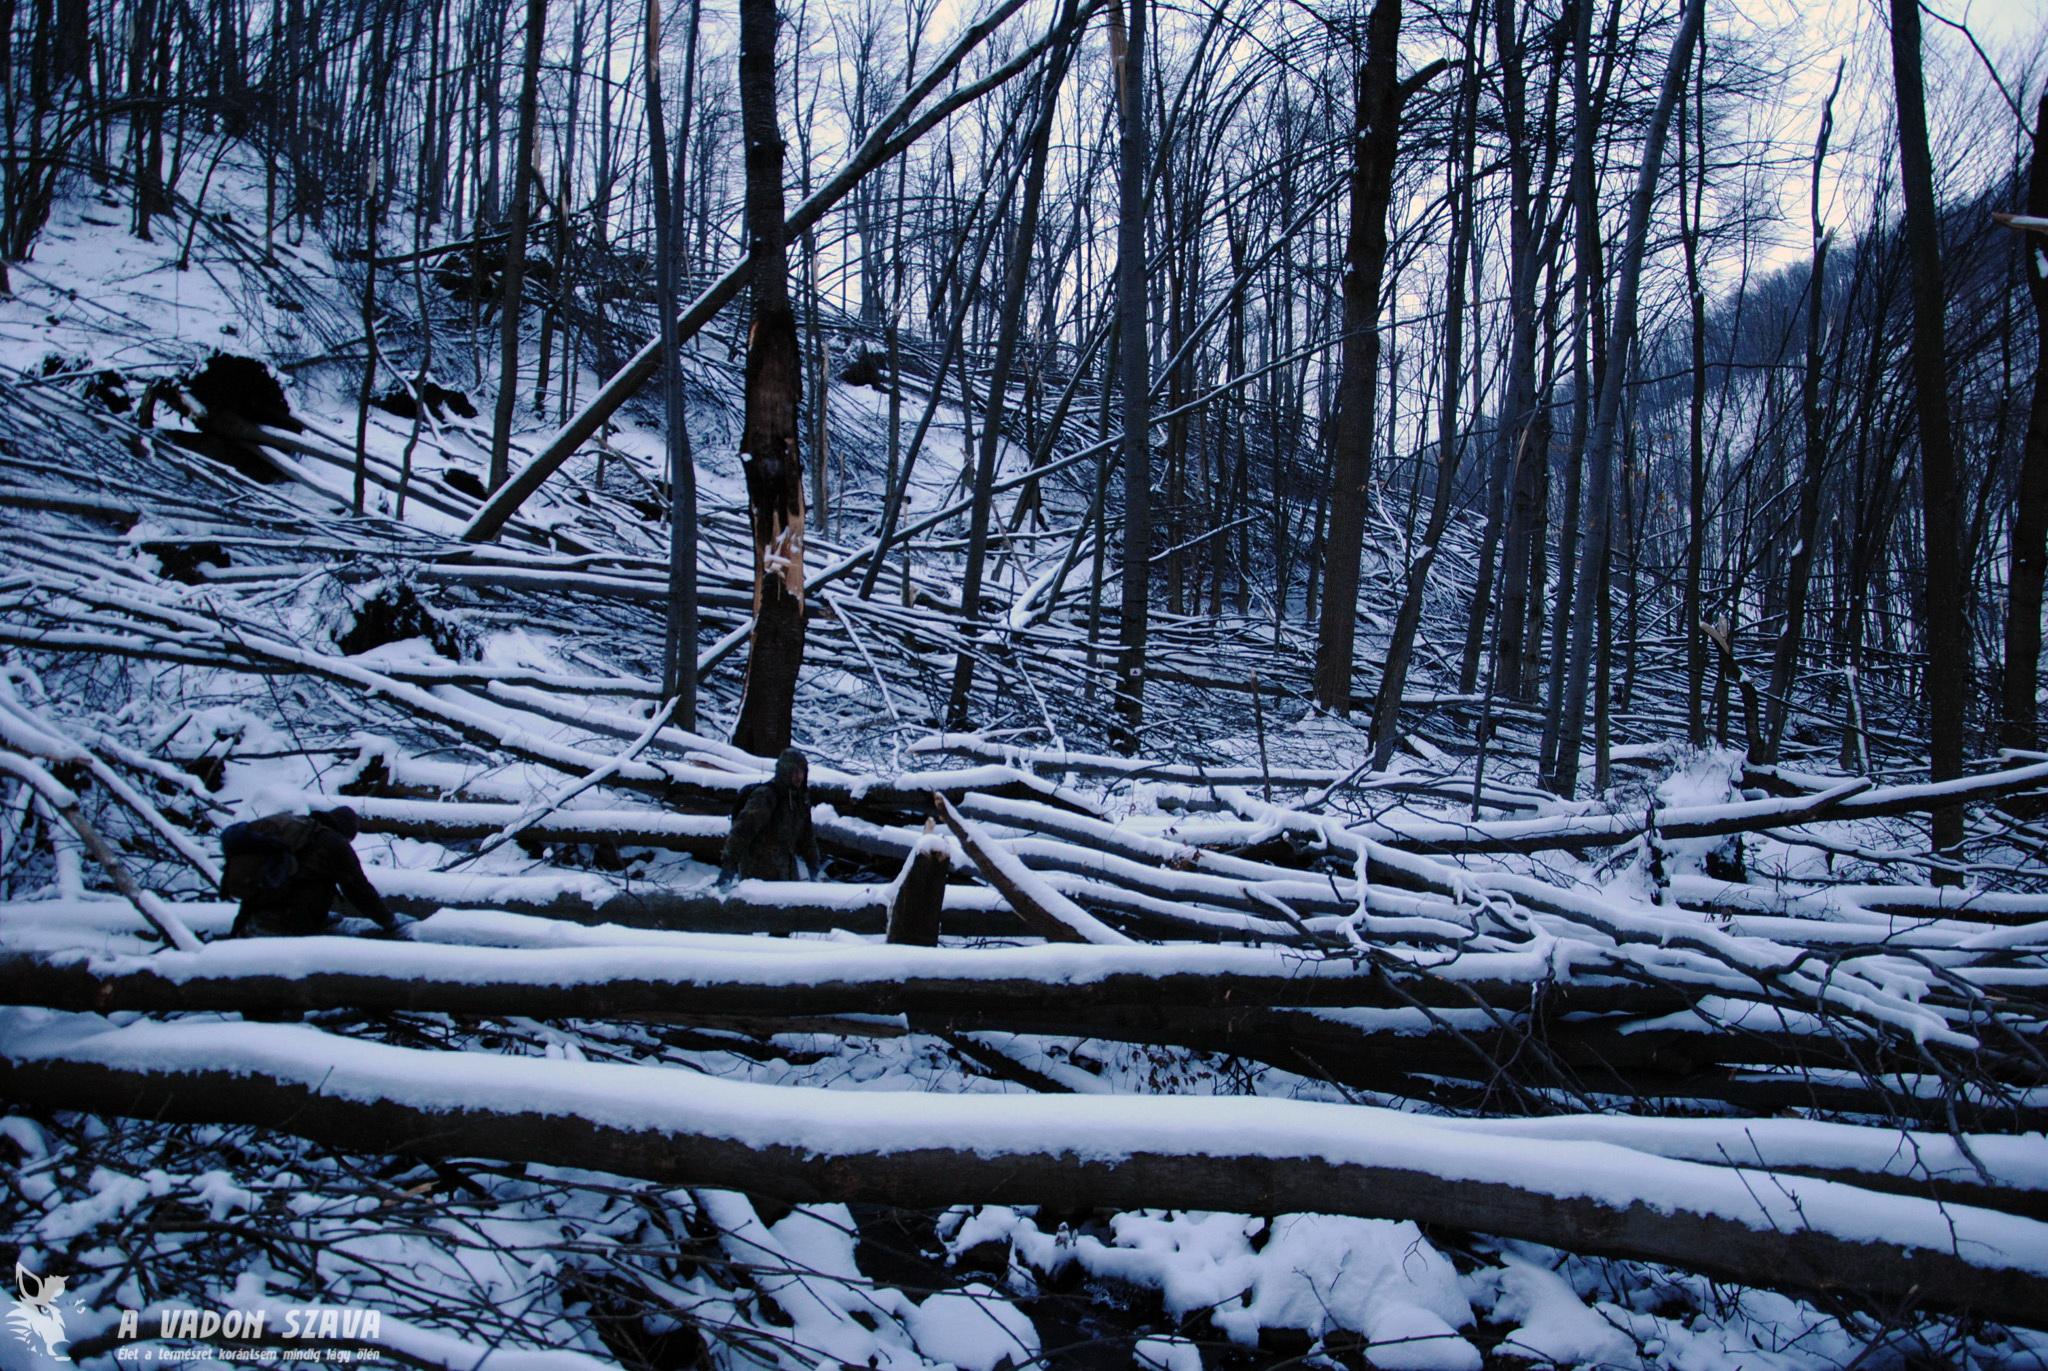 Erdei akadálypálya a Rózsás-pataknál. Itt is és sok más helyen tényleg a rönkök közt kell kúszni-mászni.